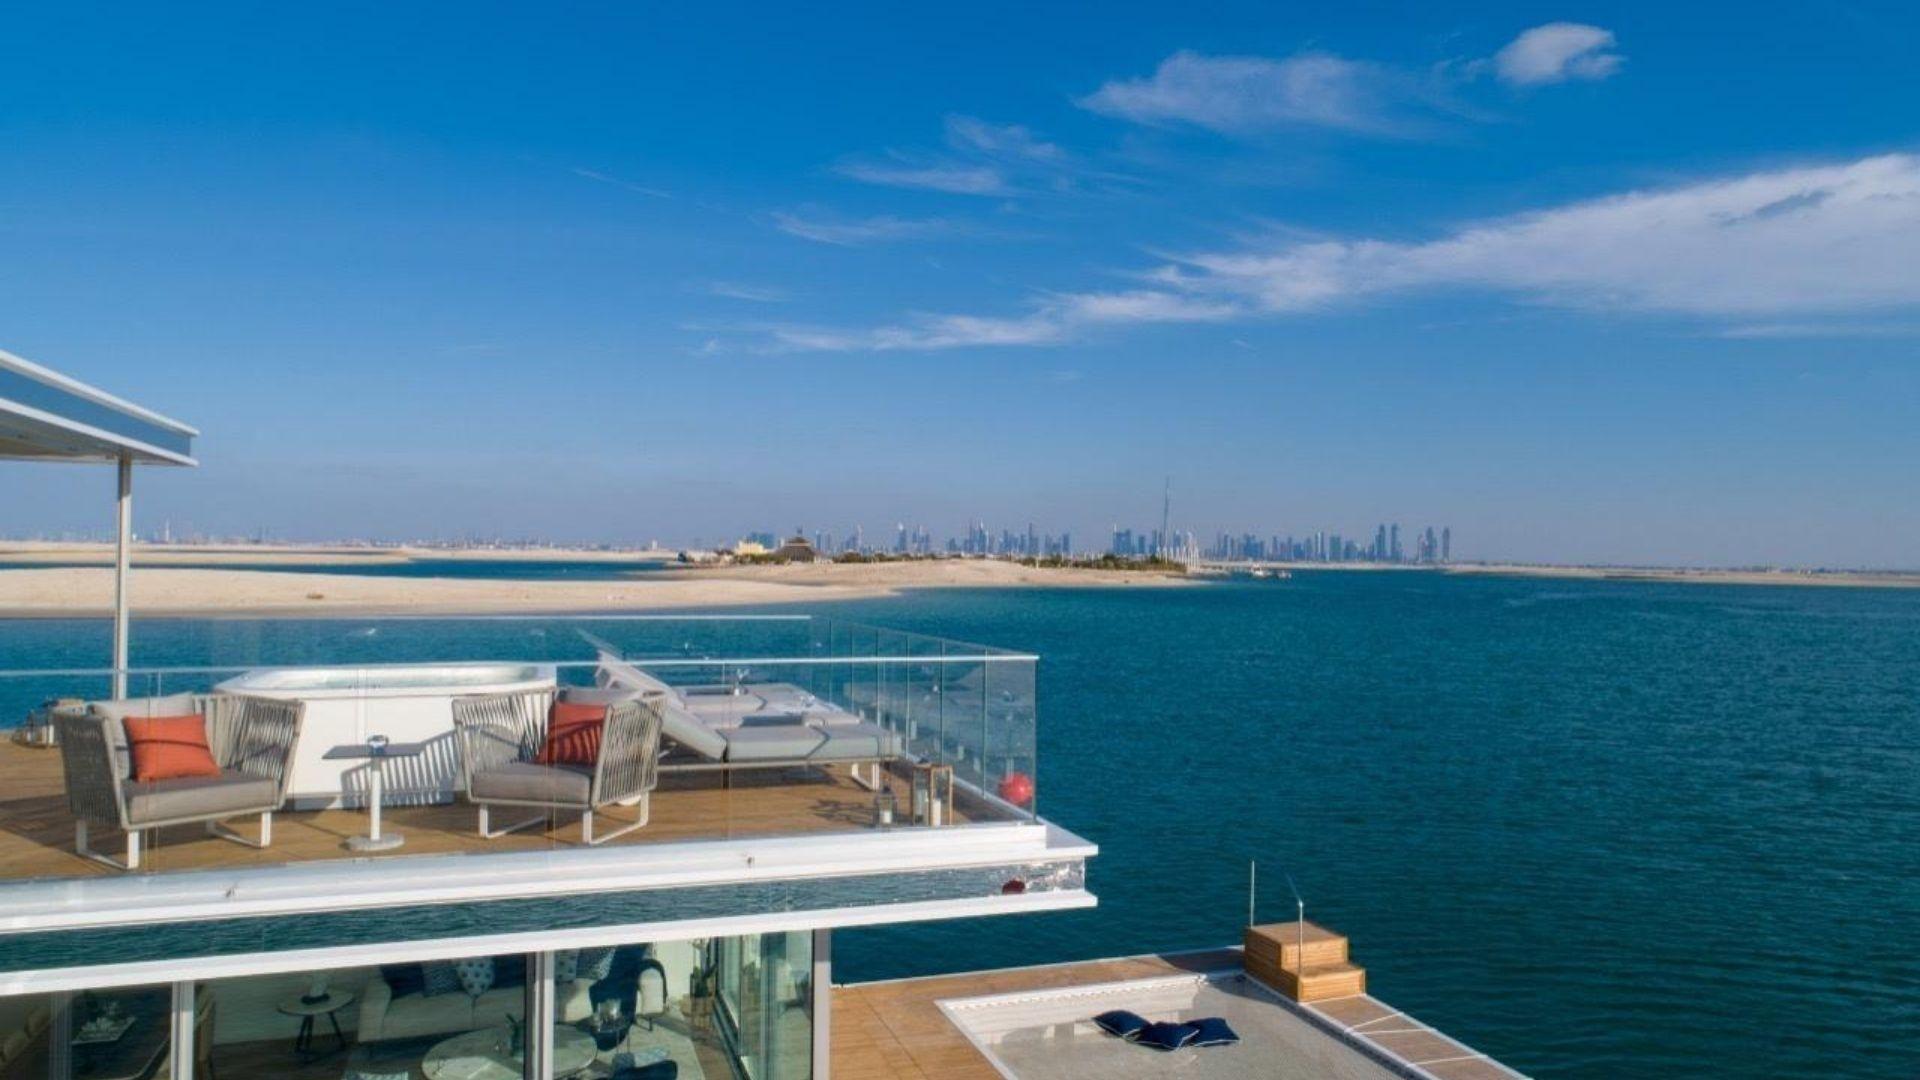 10 - Живите как члены королевской семьи в этих удивительных роскошных домах в Дубае